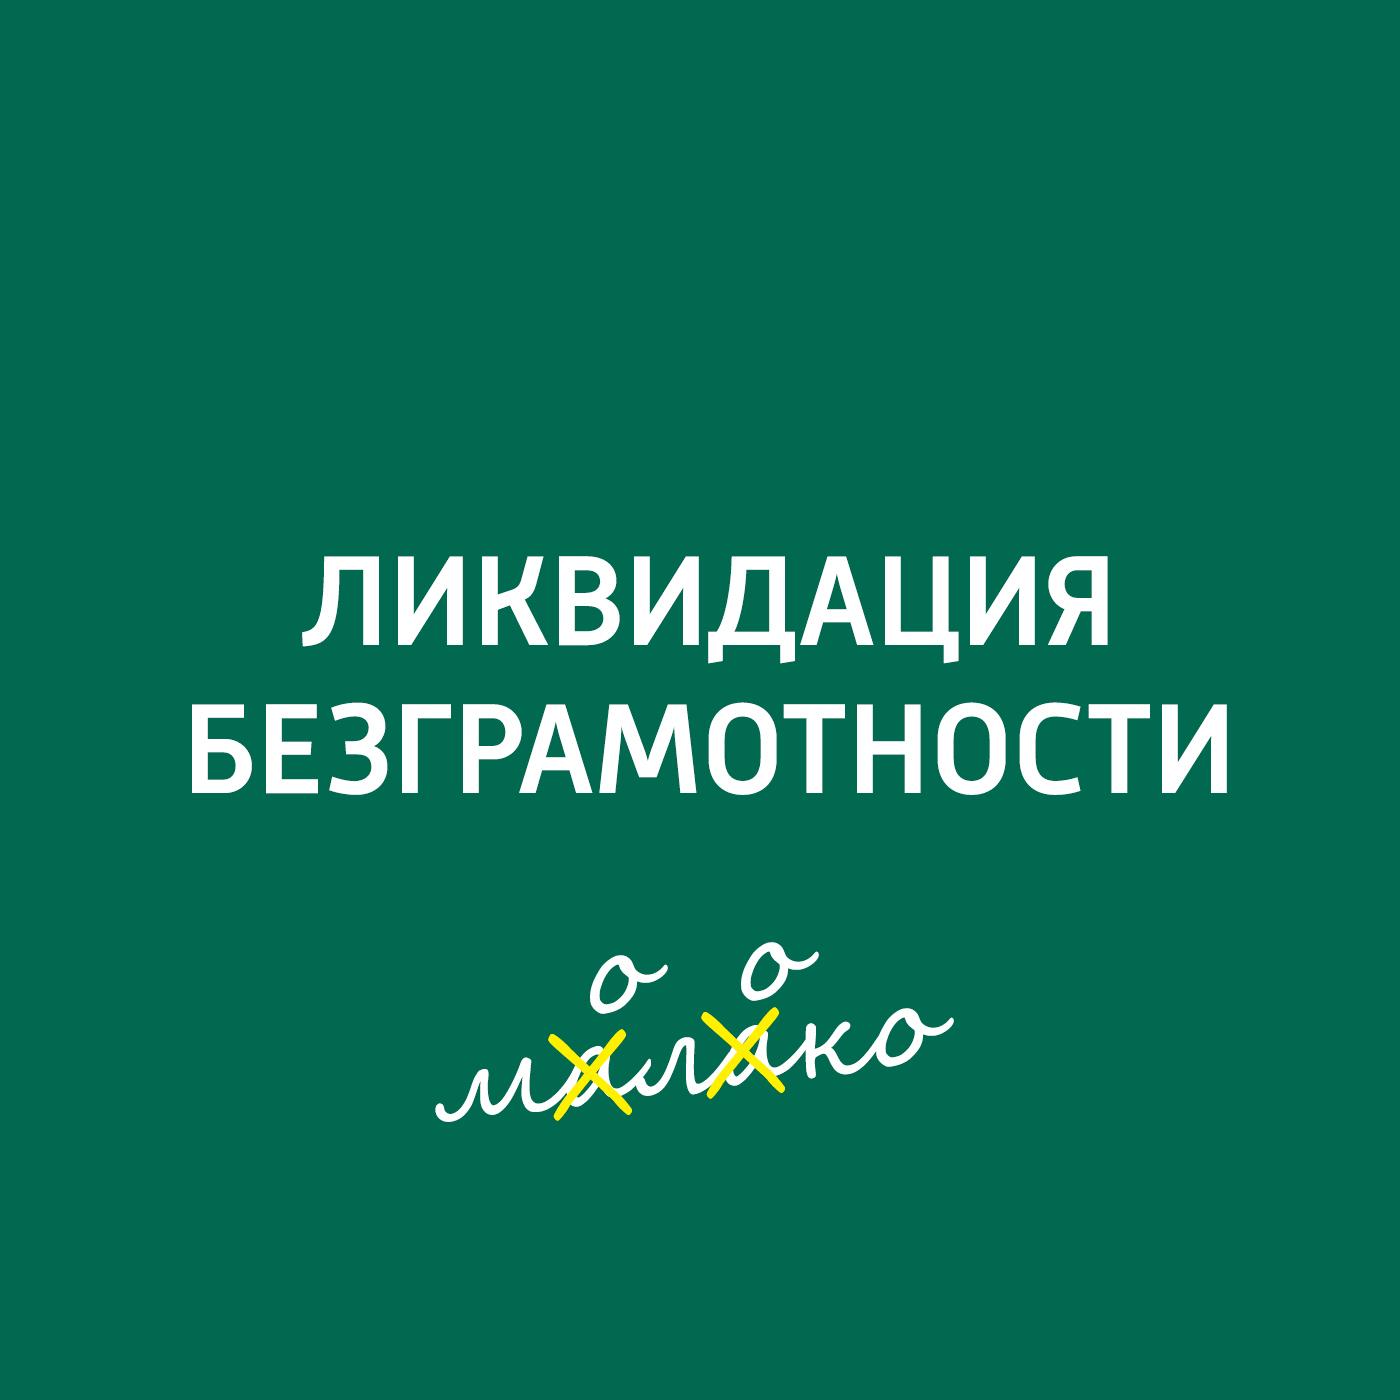 Творческий коллектив шоу «Сергей Стиллавин и его друзья» Экология языка: кто виноват и что делать?